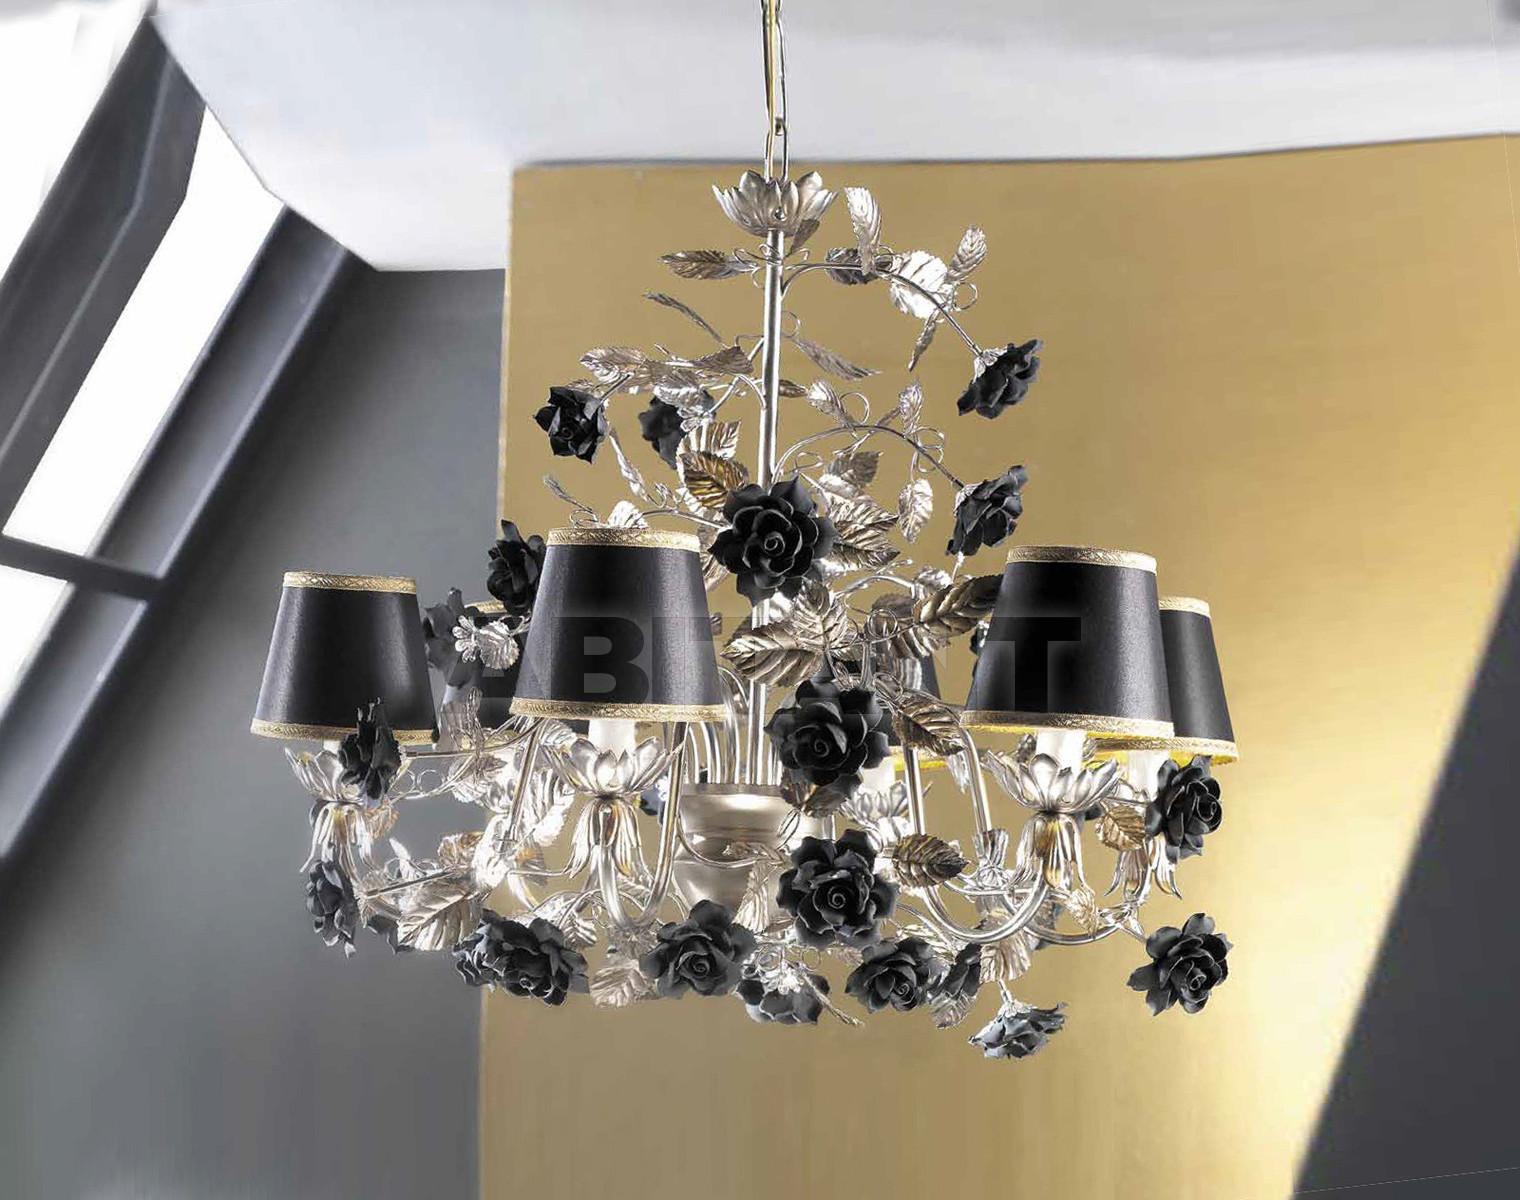 Купить Люстра Villari Home And Lights 4100316-802